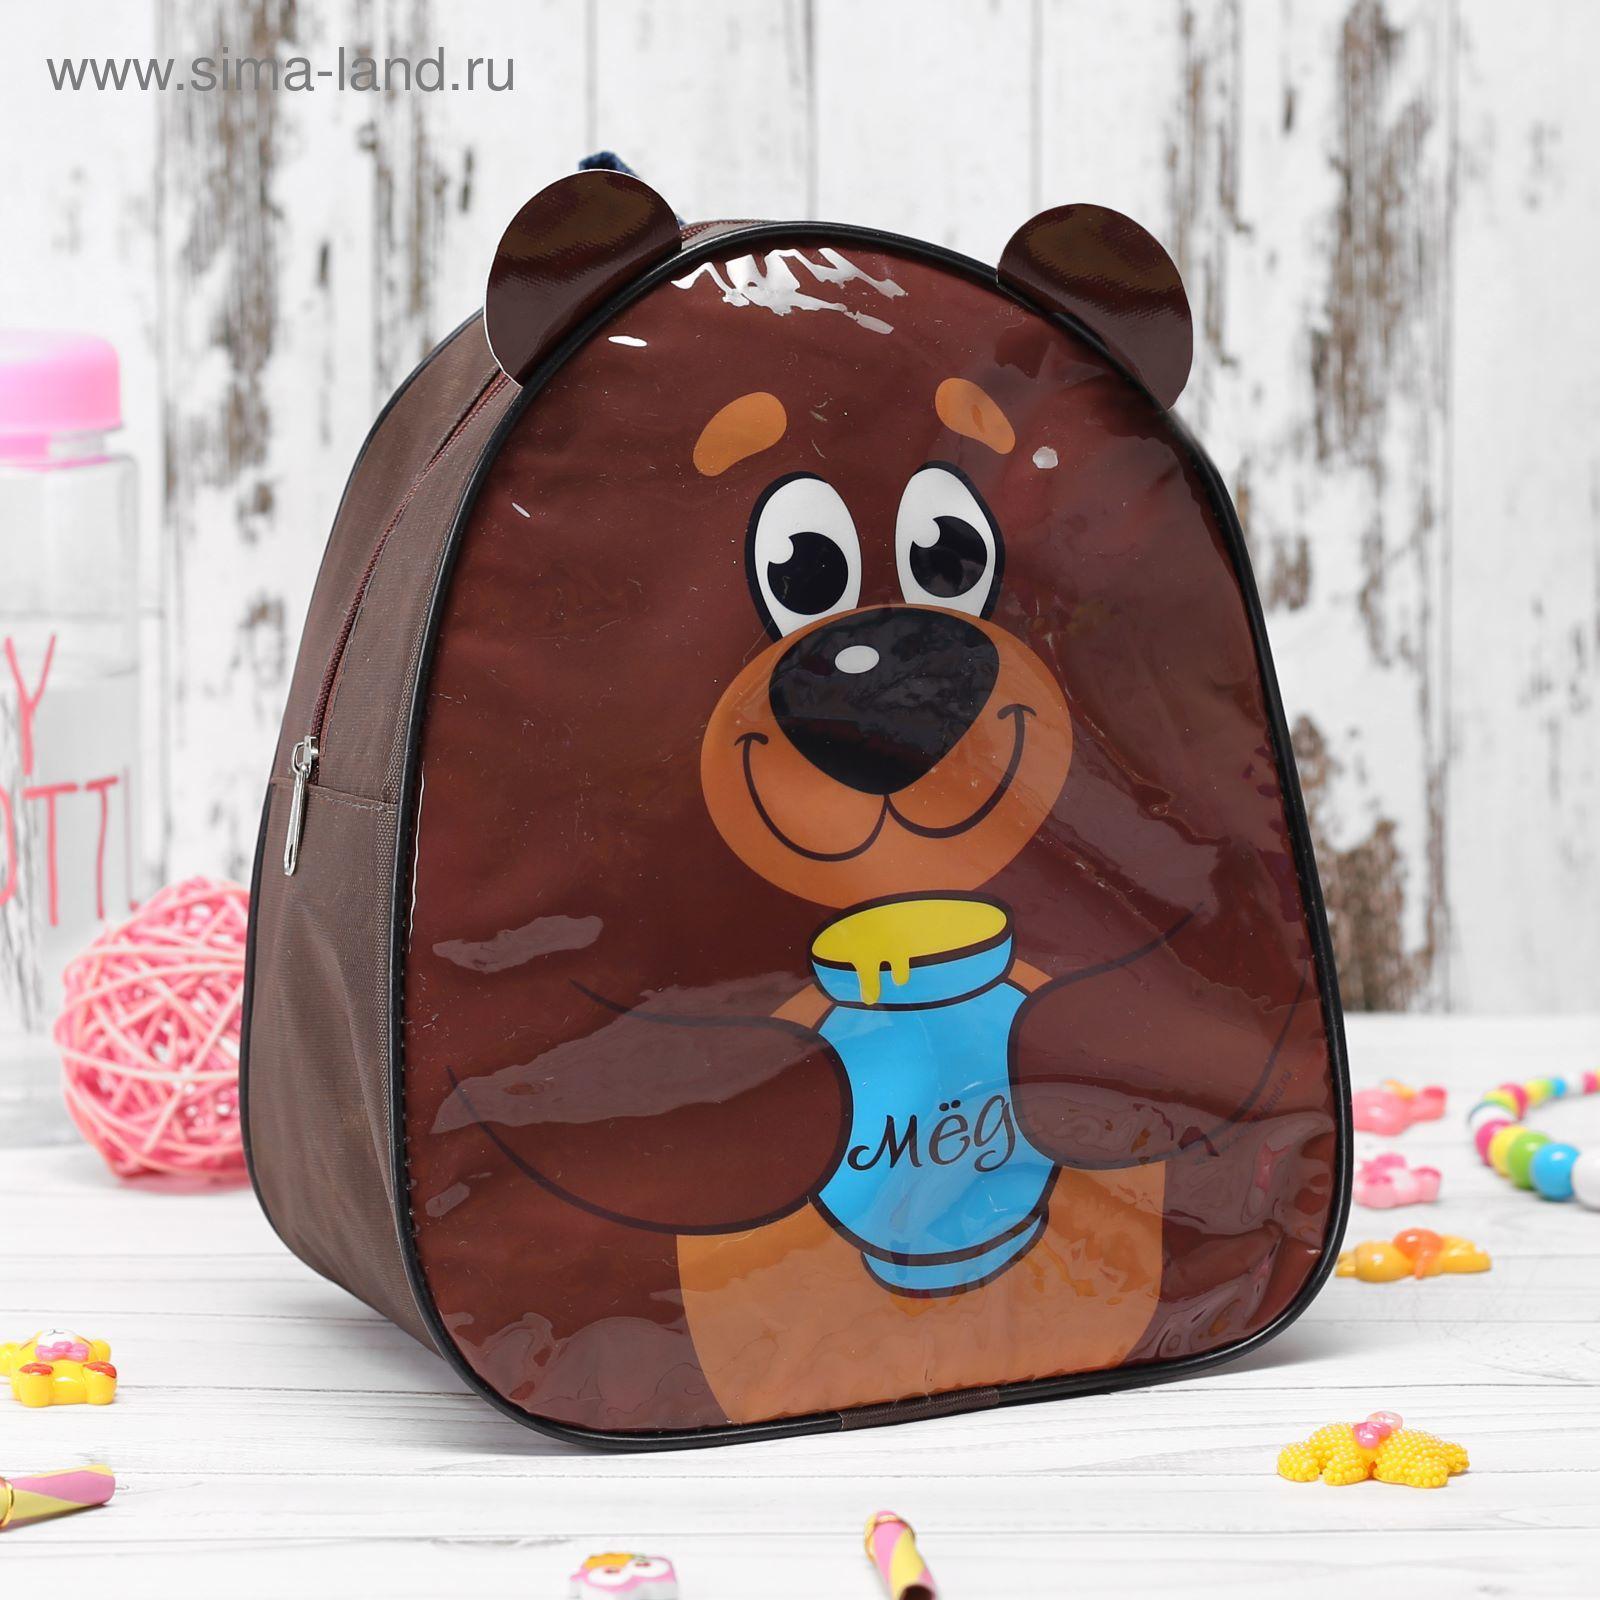 115a74682177 Рюкзак детский, отдел на молнии, цвет коричневый (1902552) - Купить ...